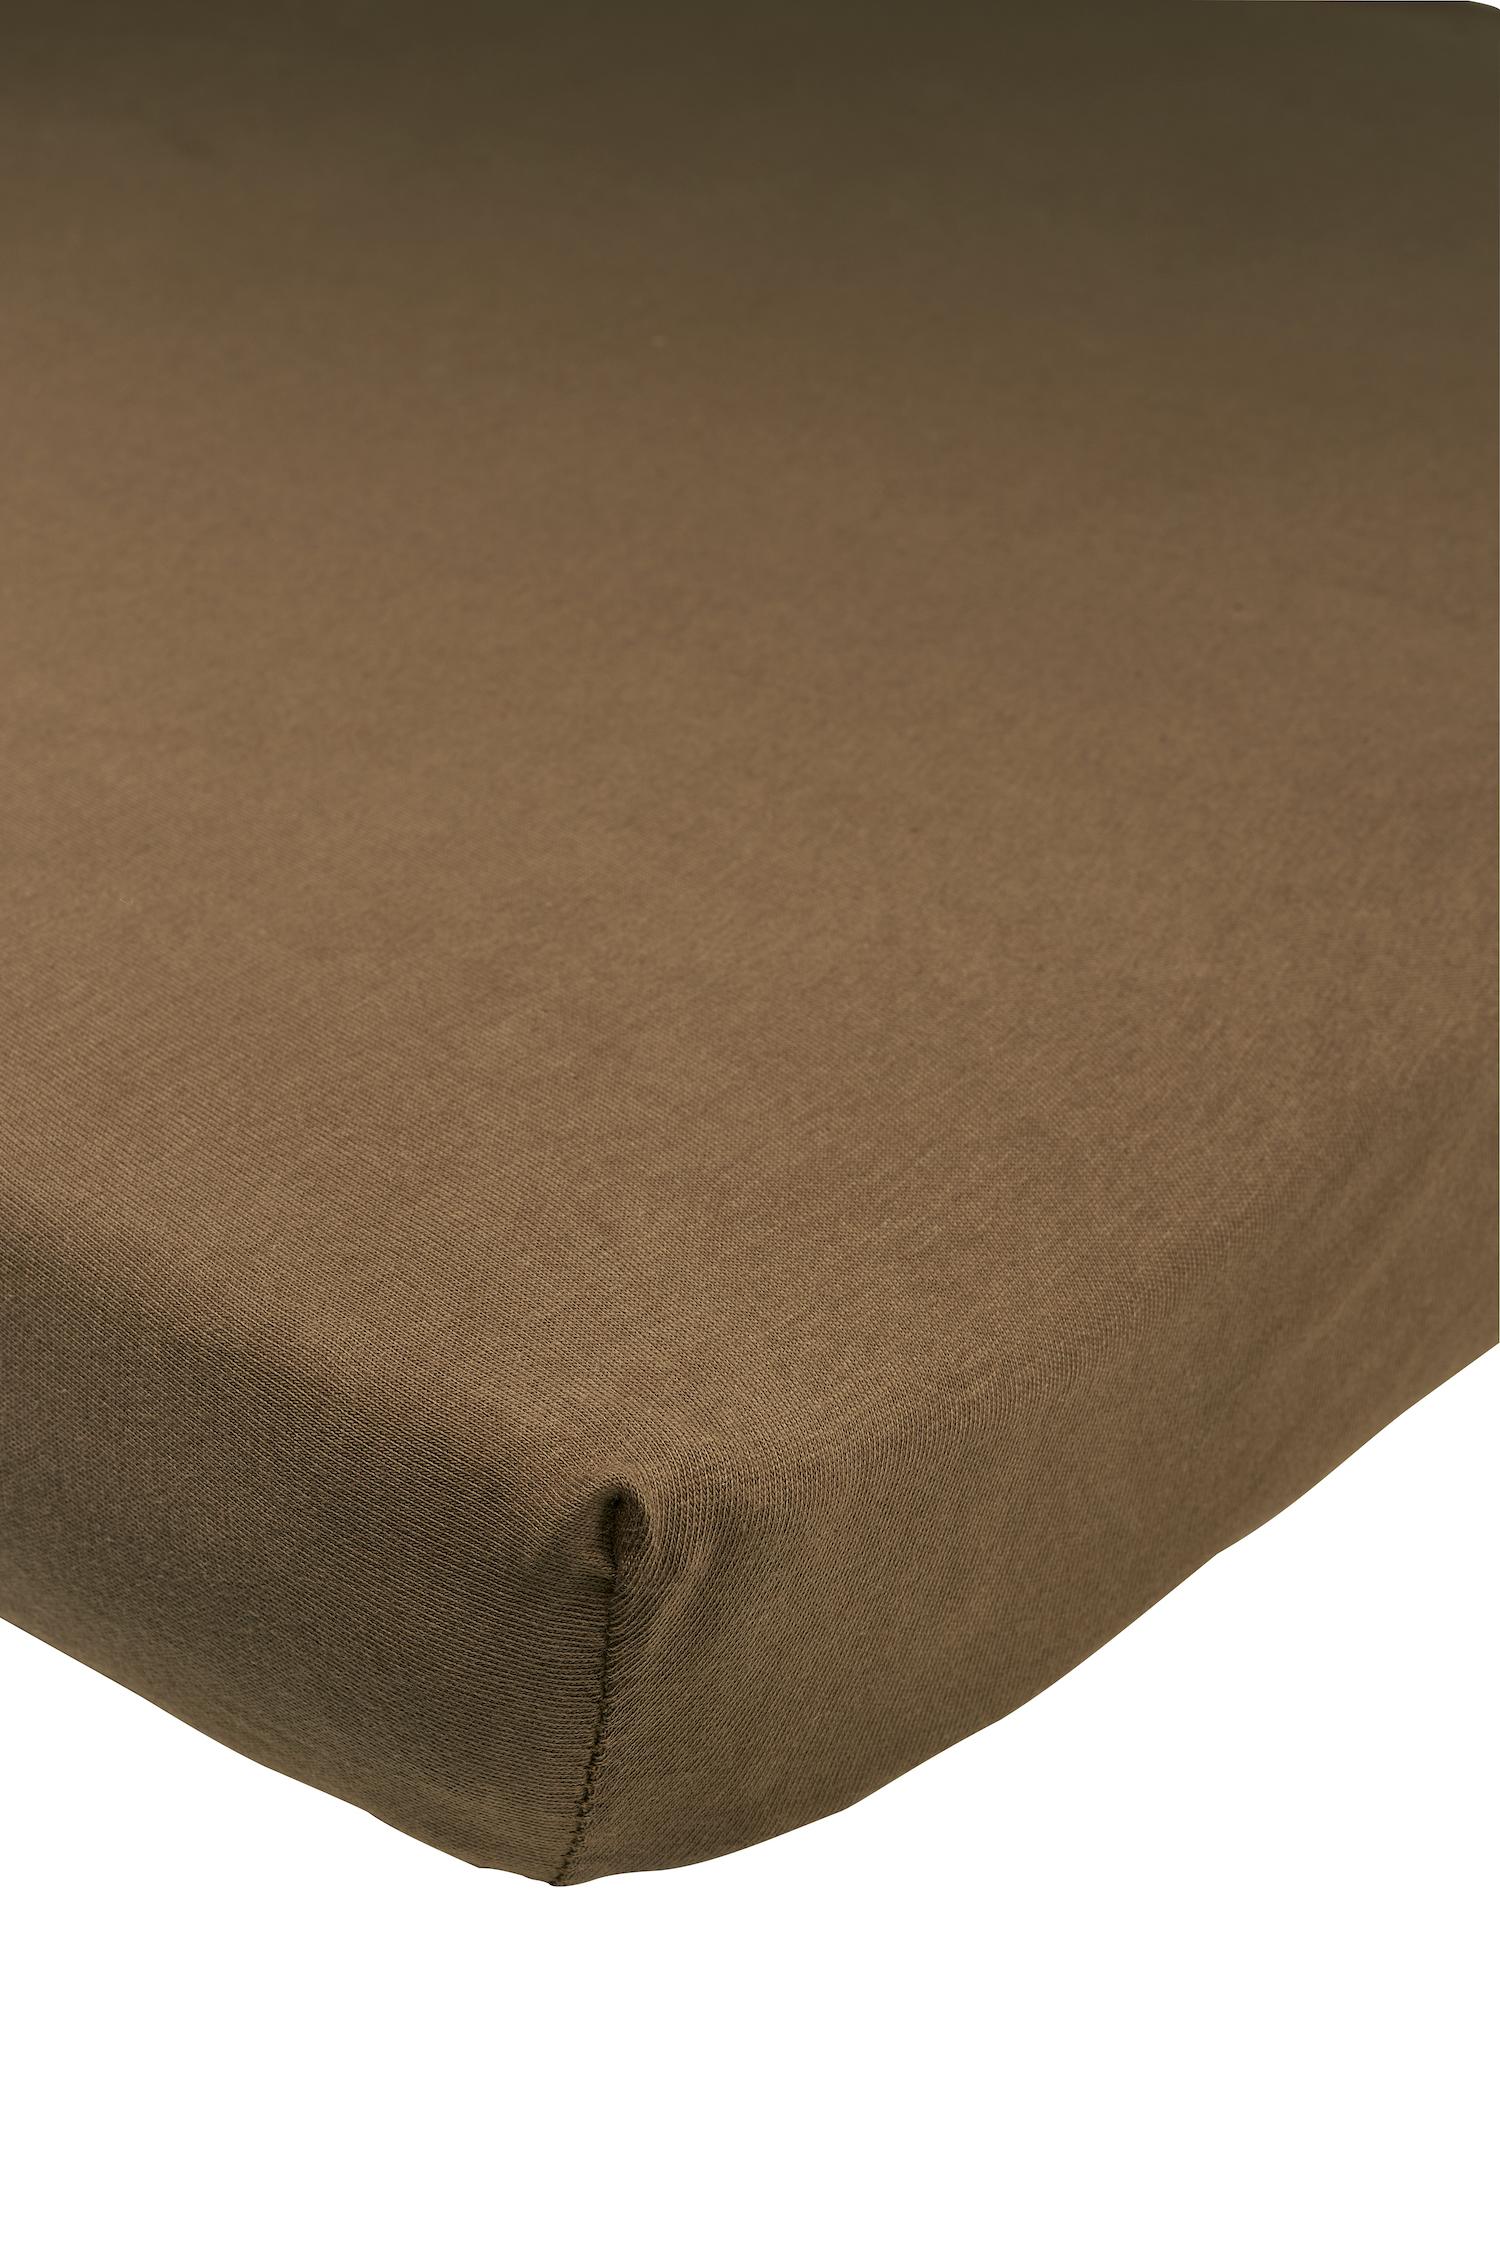 Jersey Spannbettlaken - Chocolate - 75x95cm